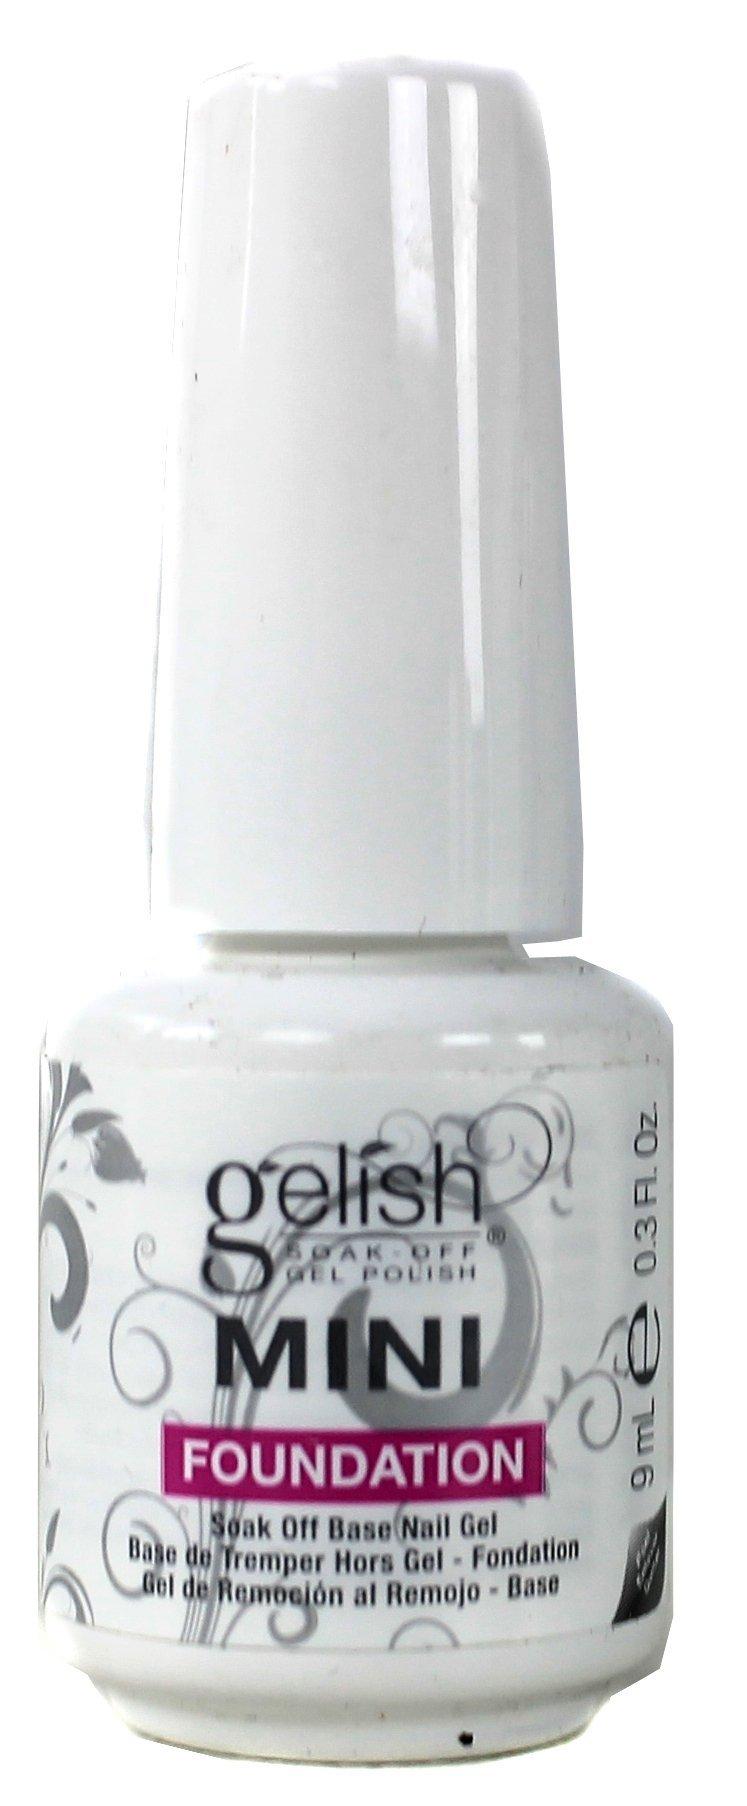 Gelish Harmony 18G Gel LED Nail Polish Curing Manicure Light Lamp + Basix Kit by Gelish (Image #9)